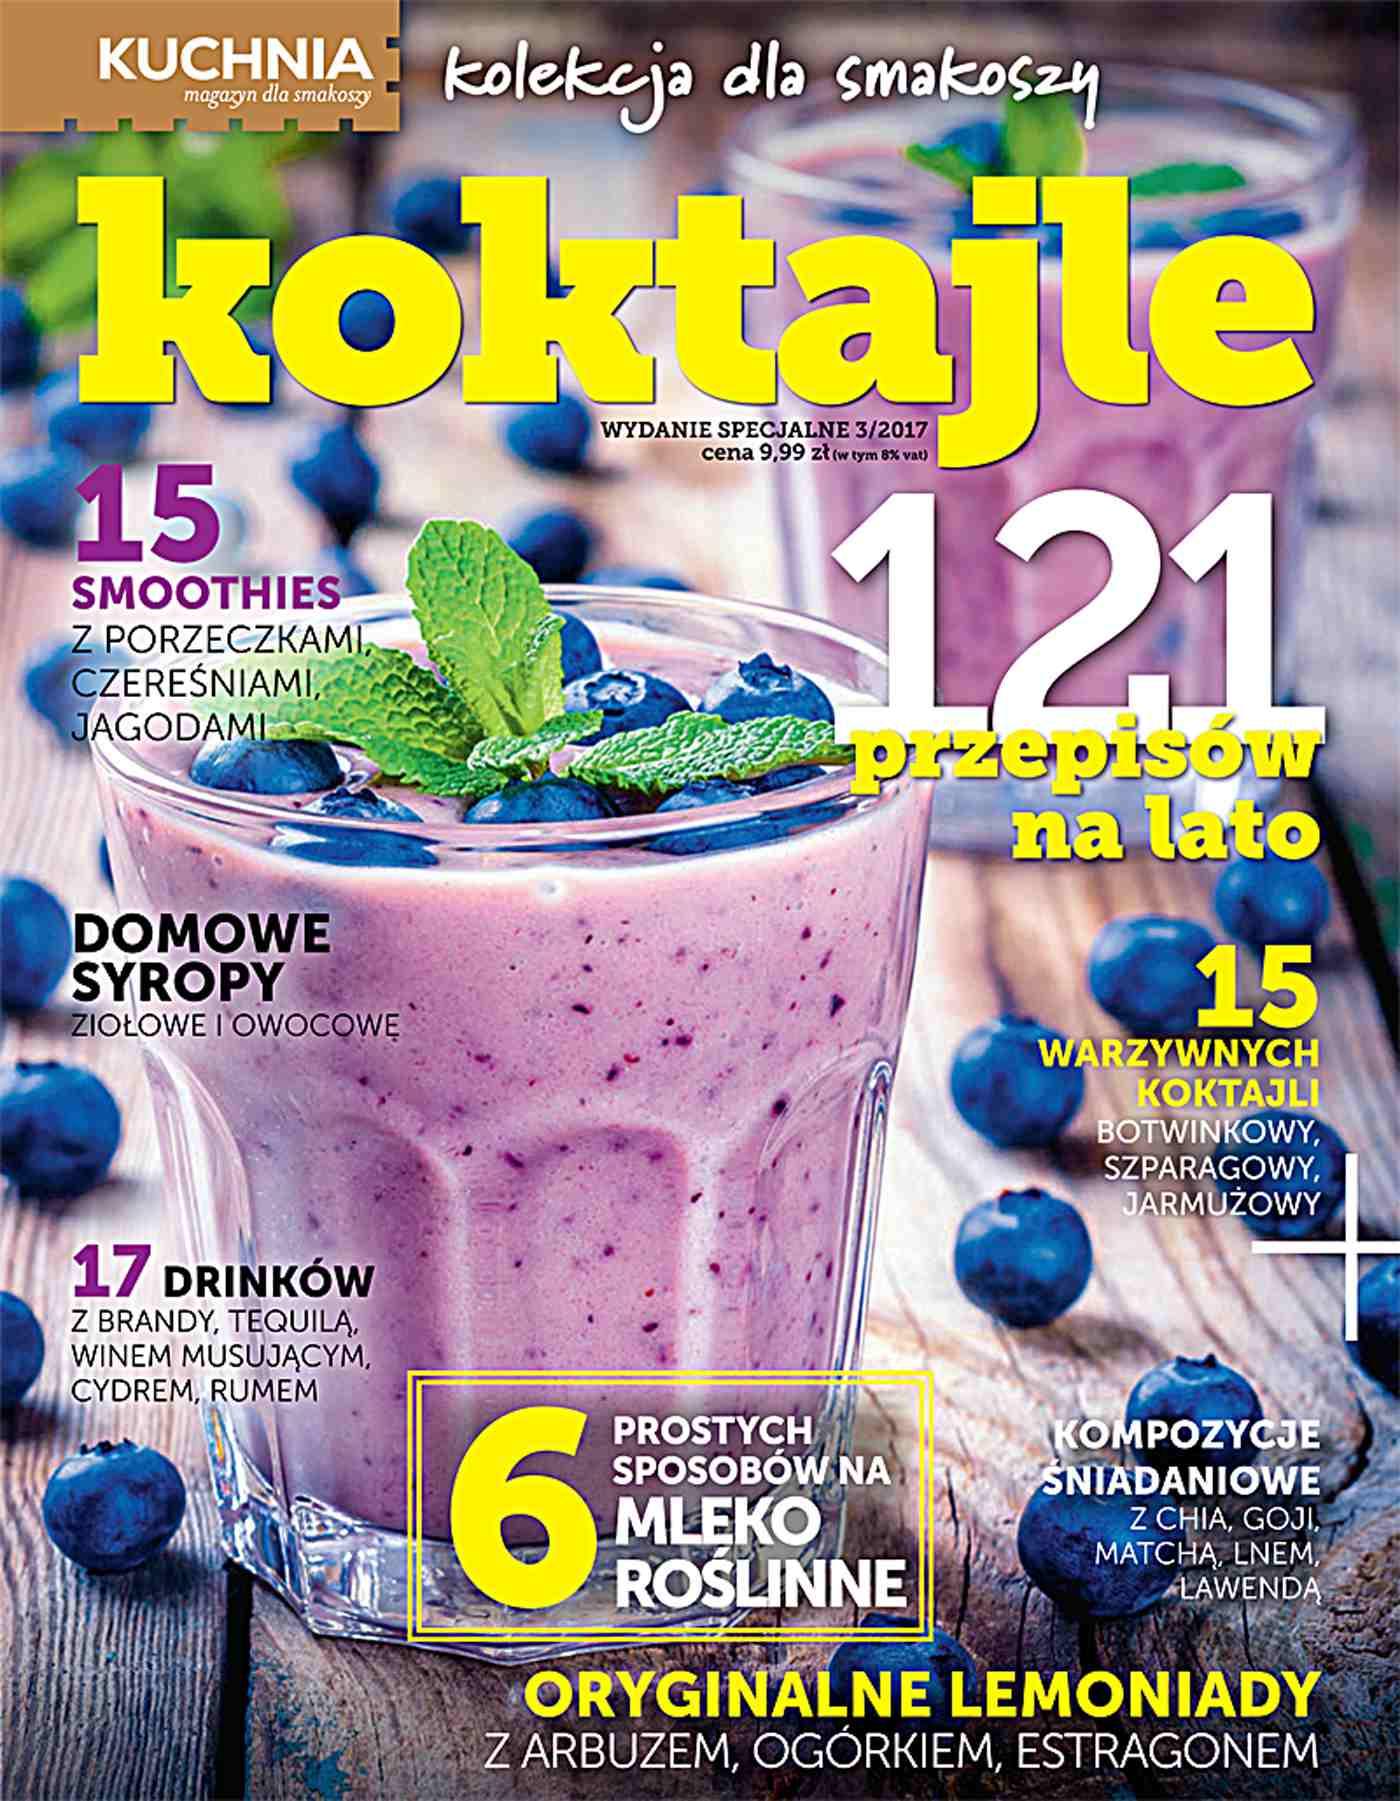 Kuchnia. Kolekcja dla smakoszy 3/2017 Koktajle - Ebook (Książka PDF) do pobrania w formacie PDF